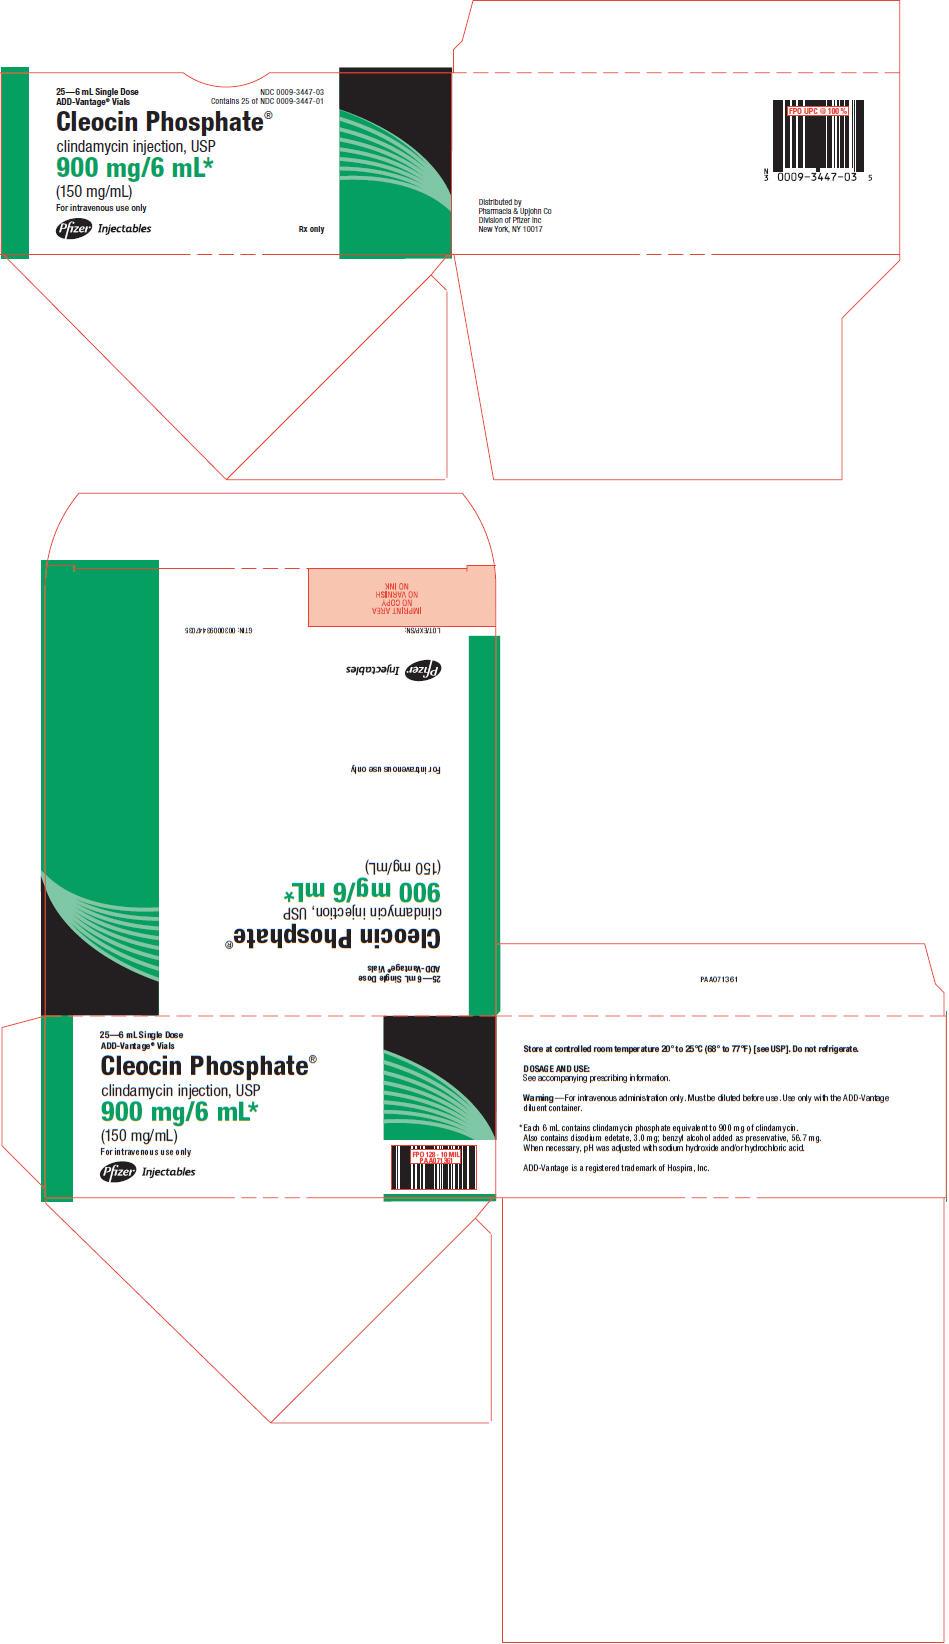 PRINCIPAL DISPLAY PANEL - 900 mg/6 mL ADD-Vantage Vial Carton